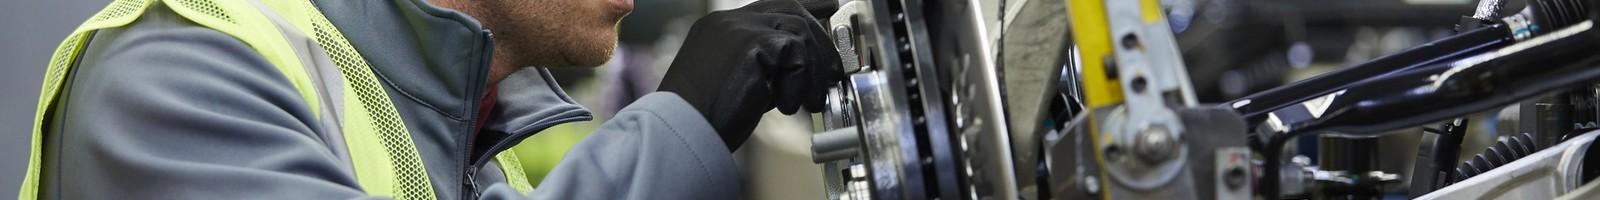 Les constructeurs multiplient les équipements de sécurité sur leurs véhicules